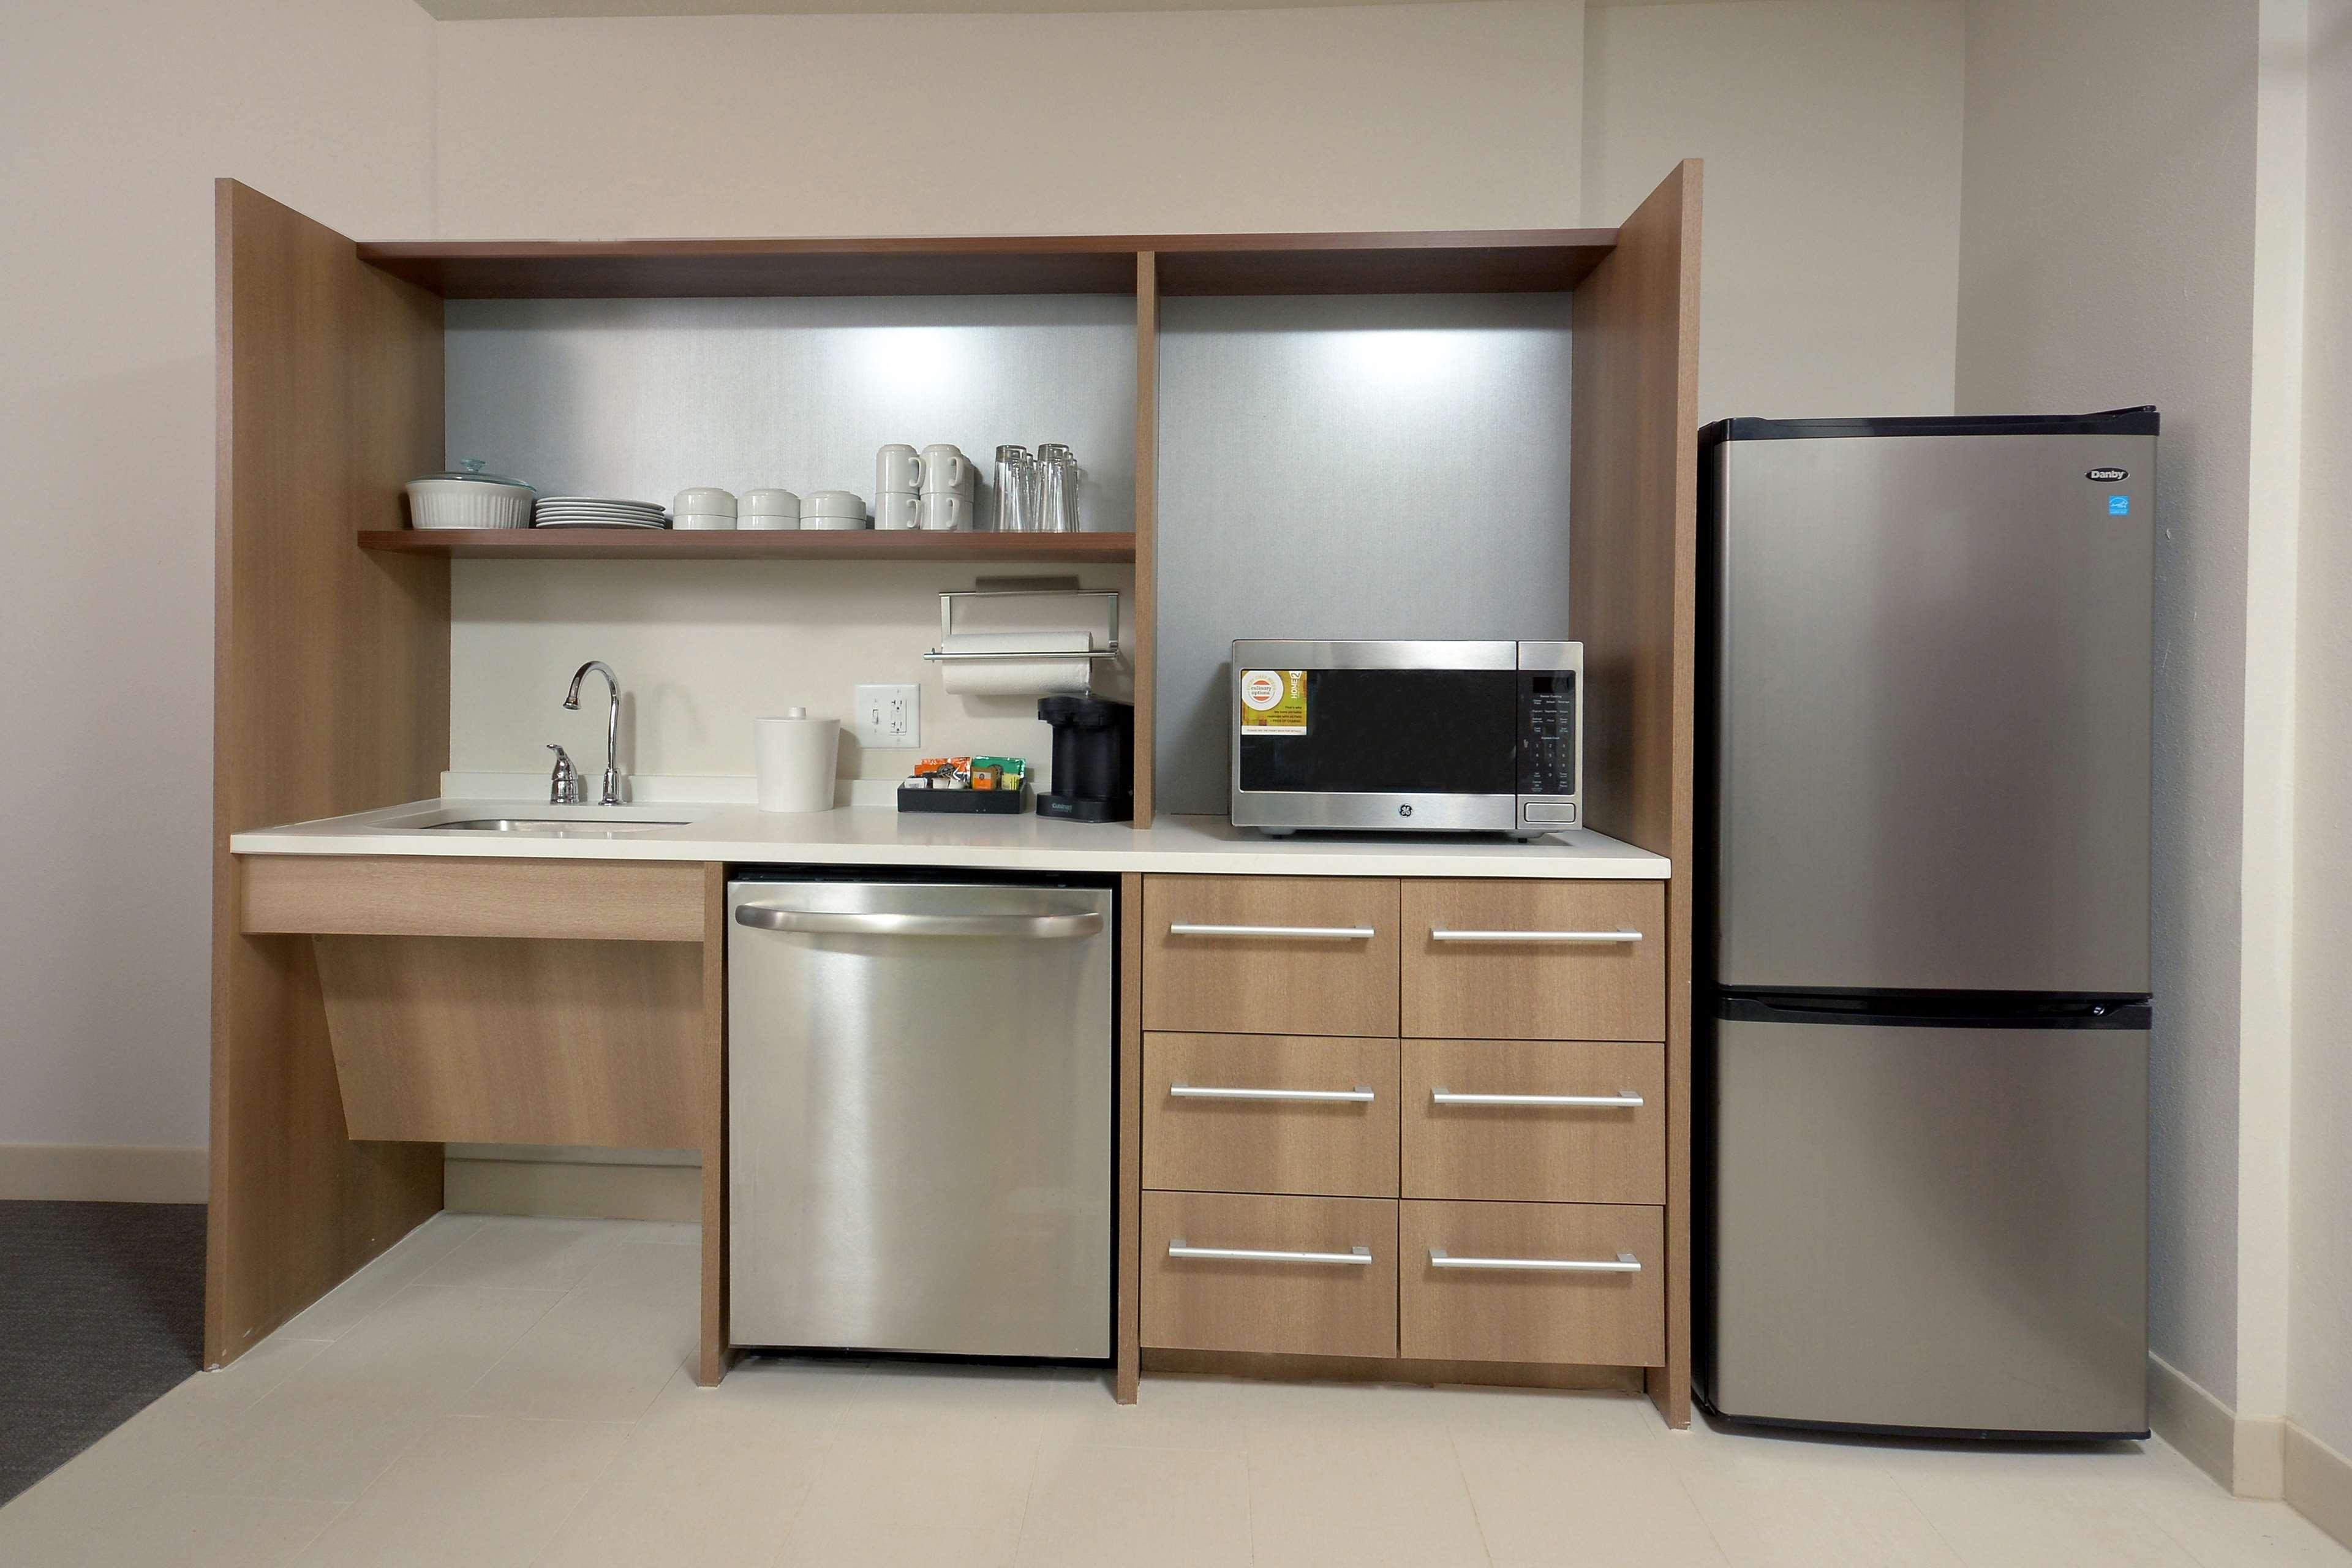 Home2 Suites by Hilton Duncan image 17